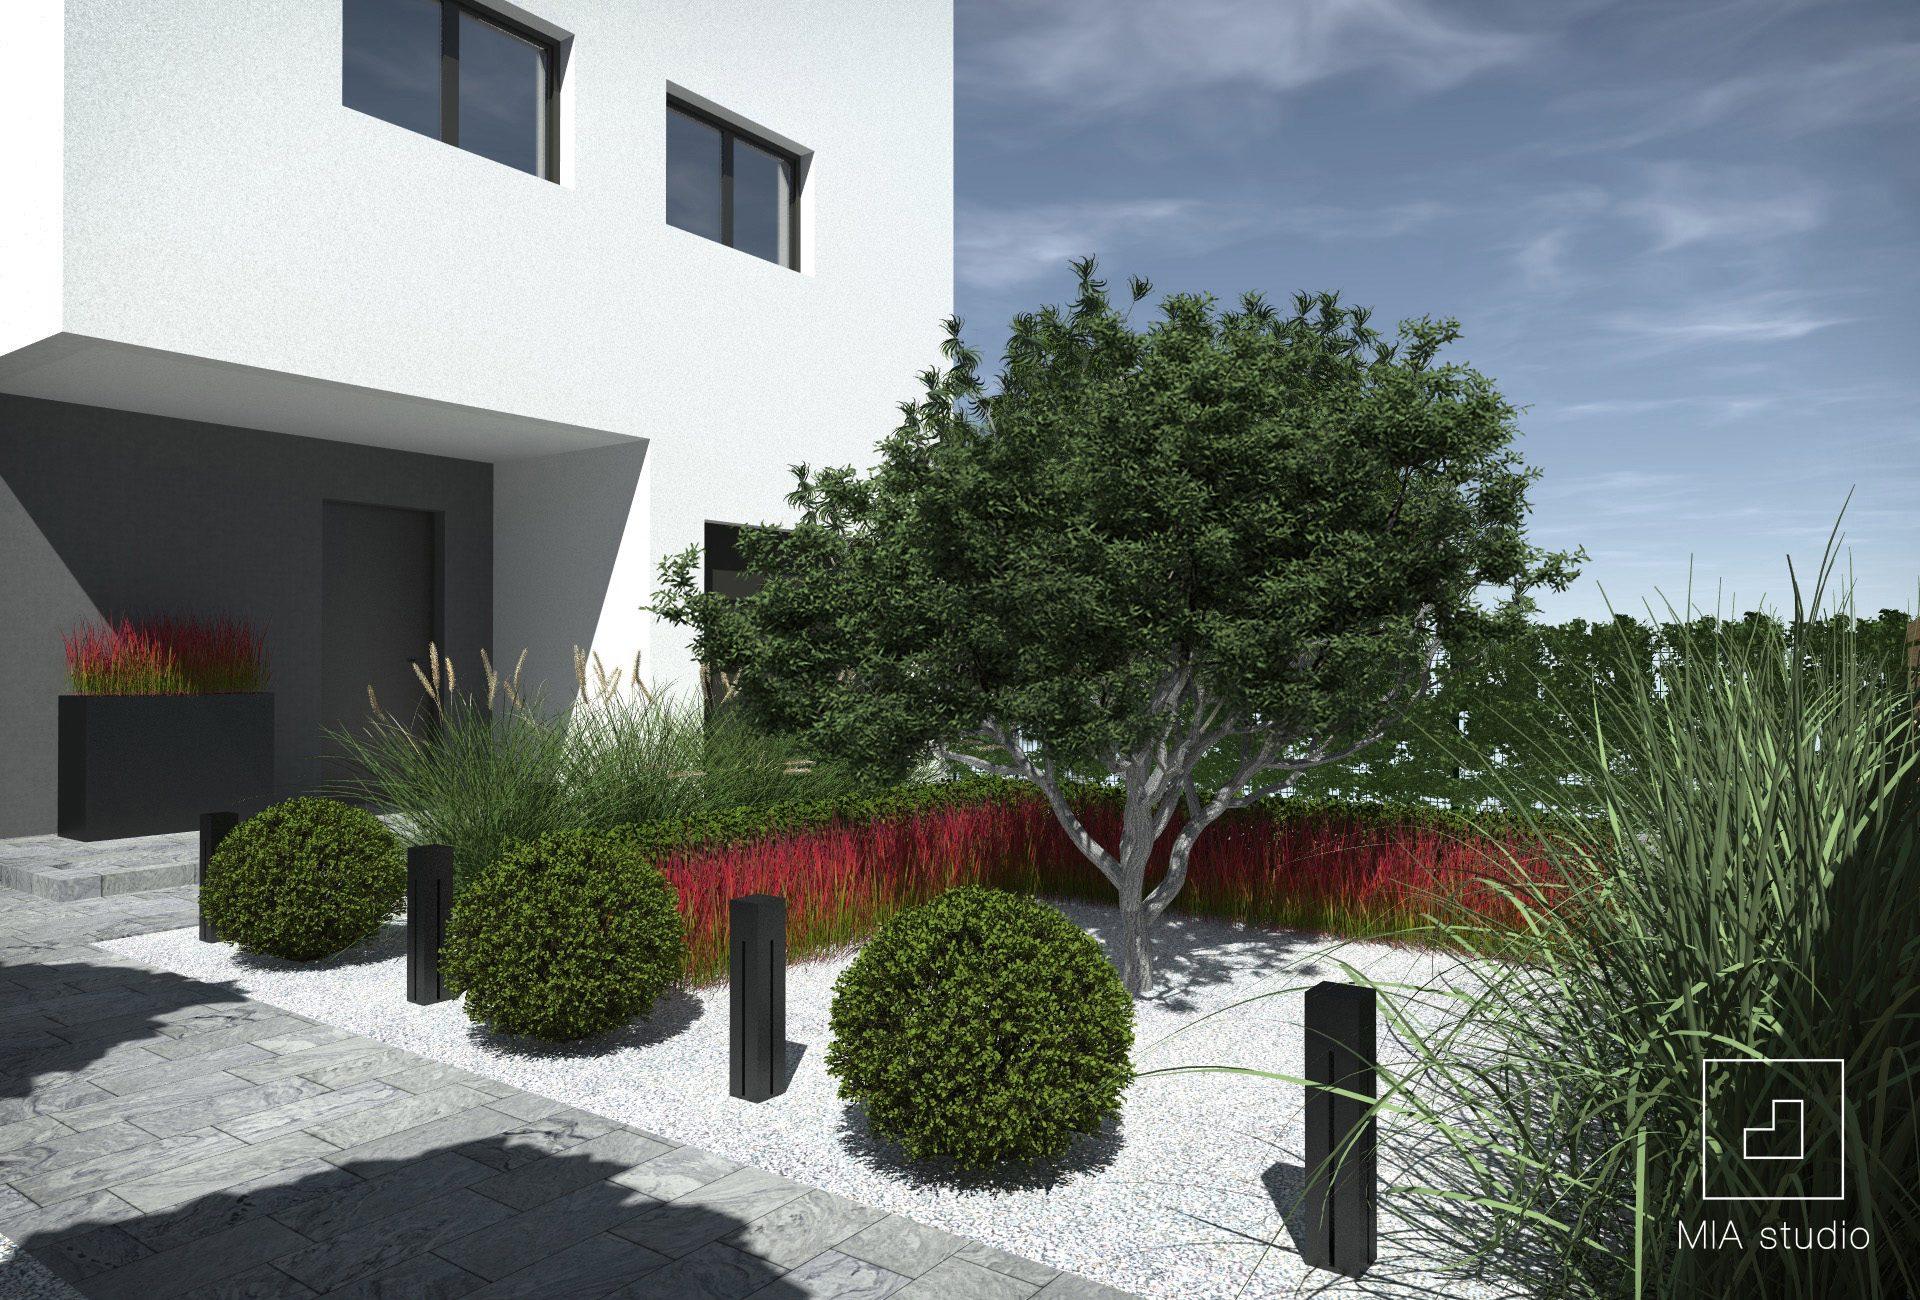 ogród geometryczny przed domem